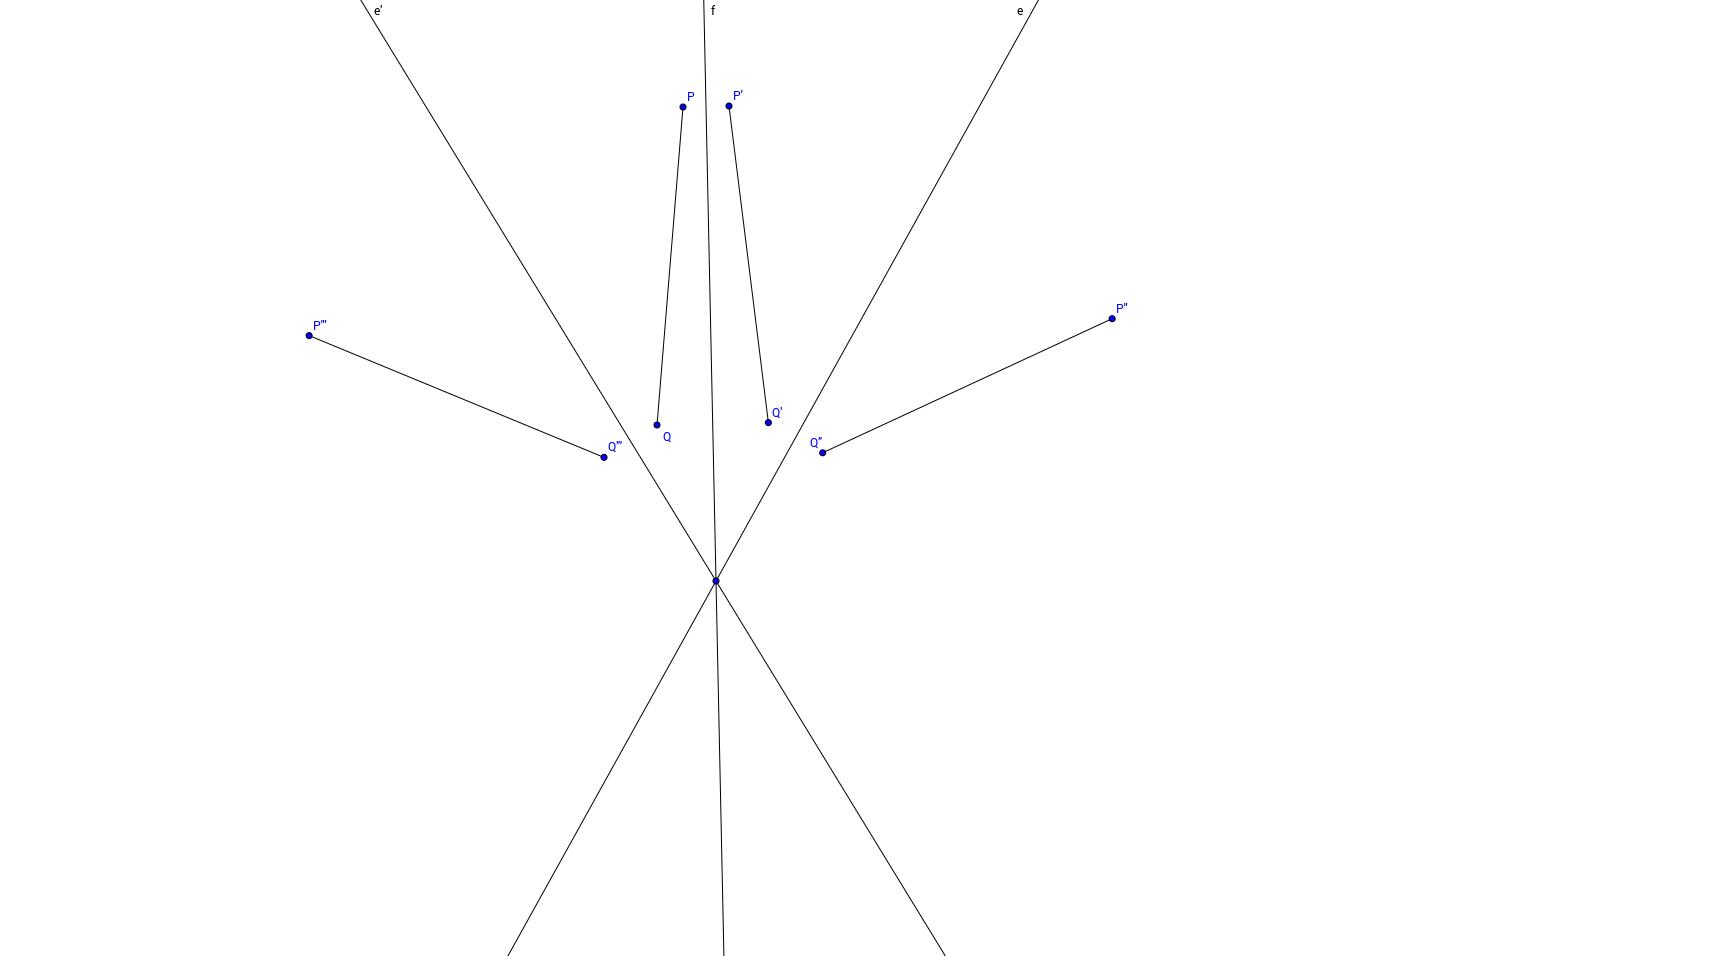 Tengelyes tükrözések konjugálási szabálya